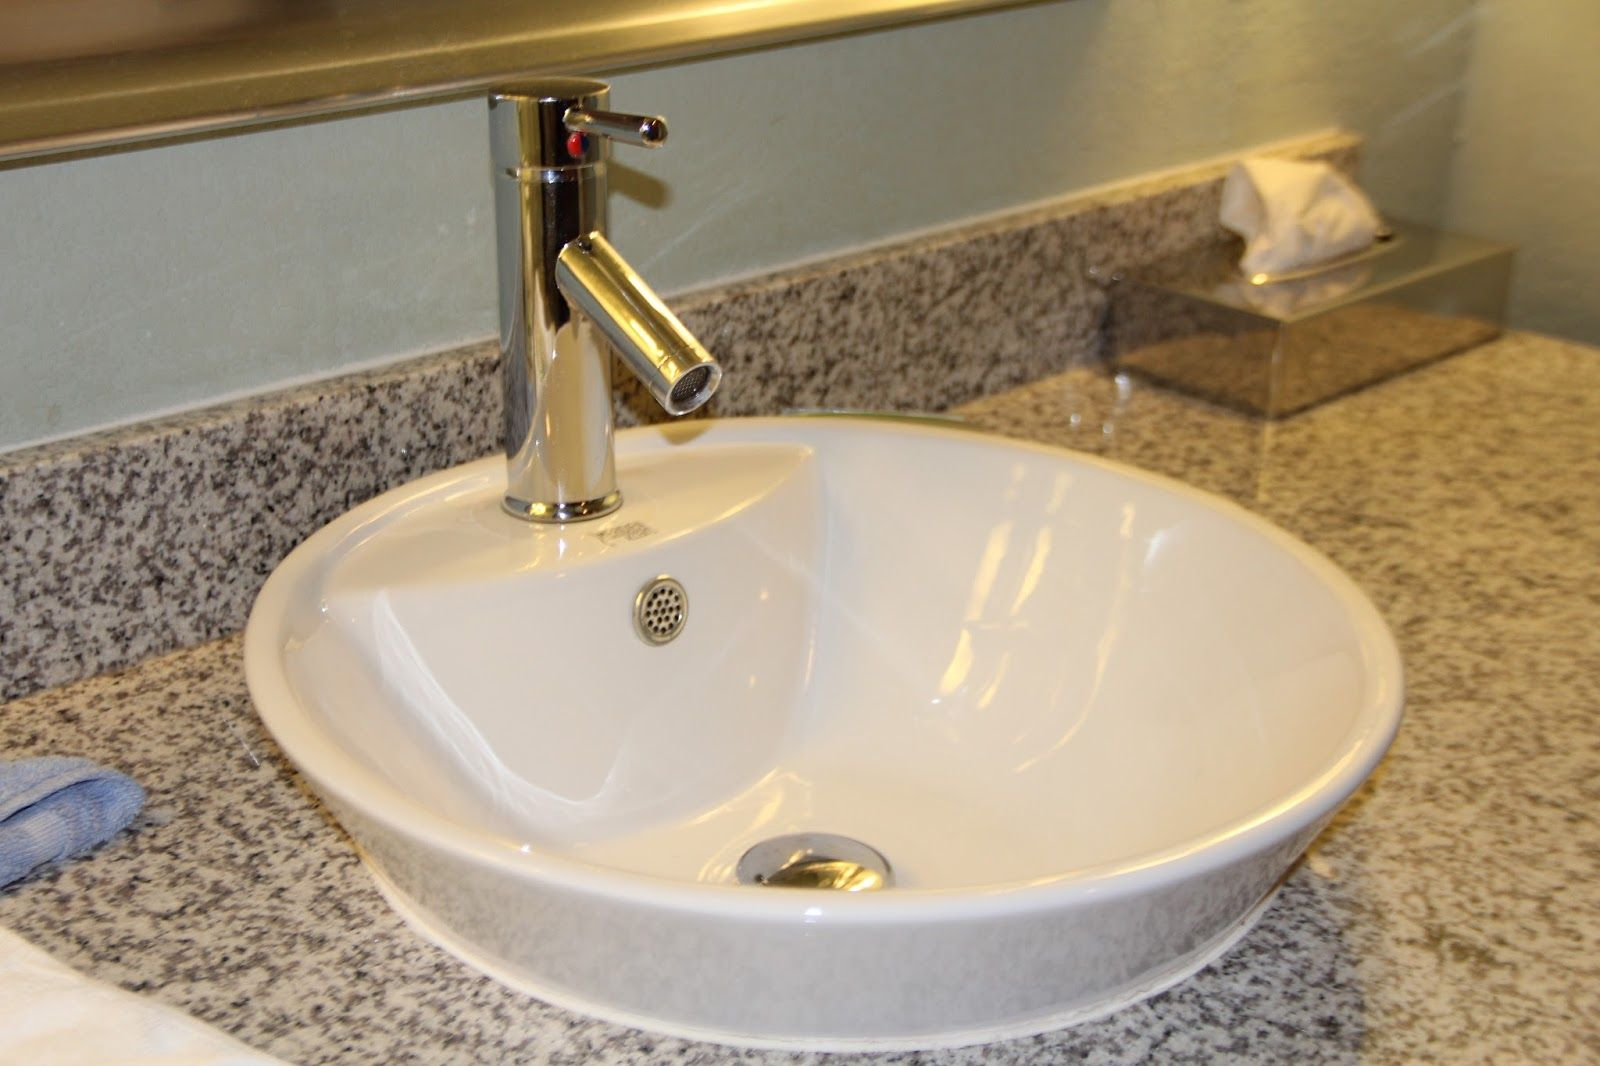 Badezimmer-eitelkeiten mit spiegeln marmor waschbecken bad  mehr auf unserer website  von grohe die